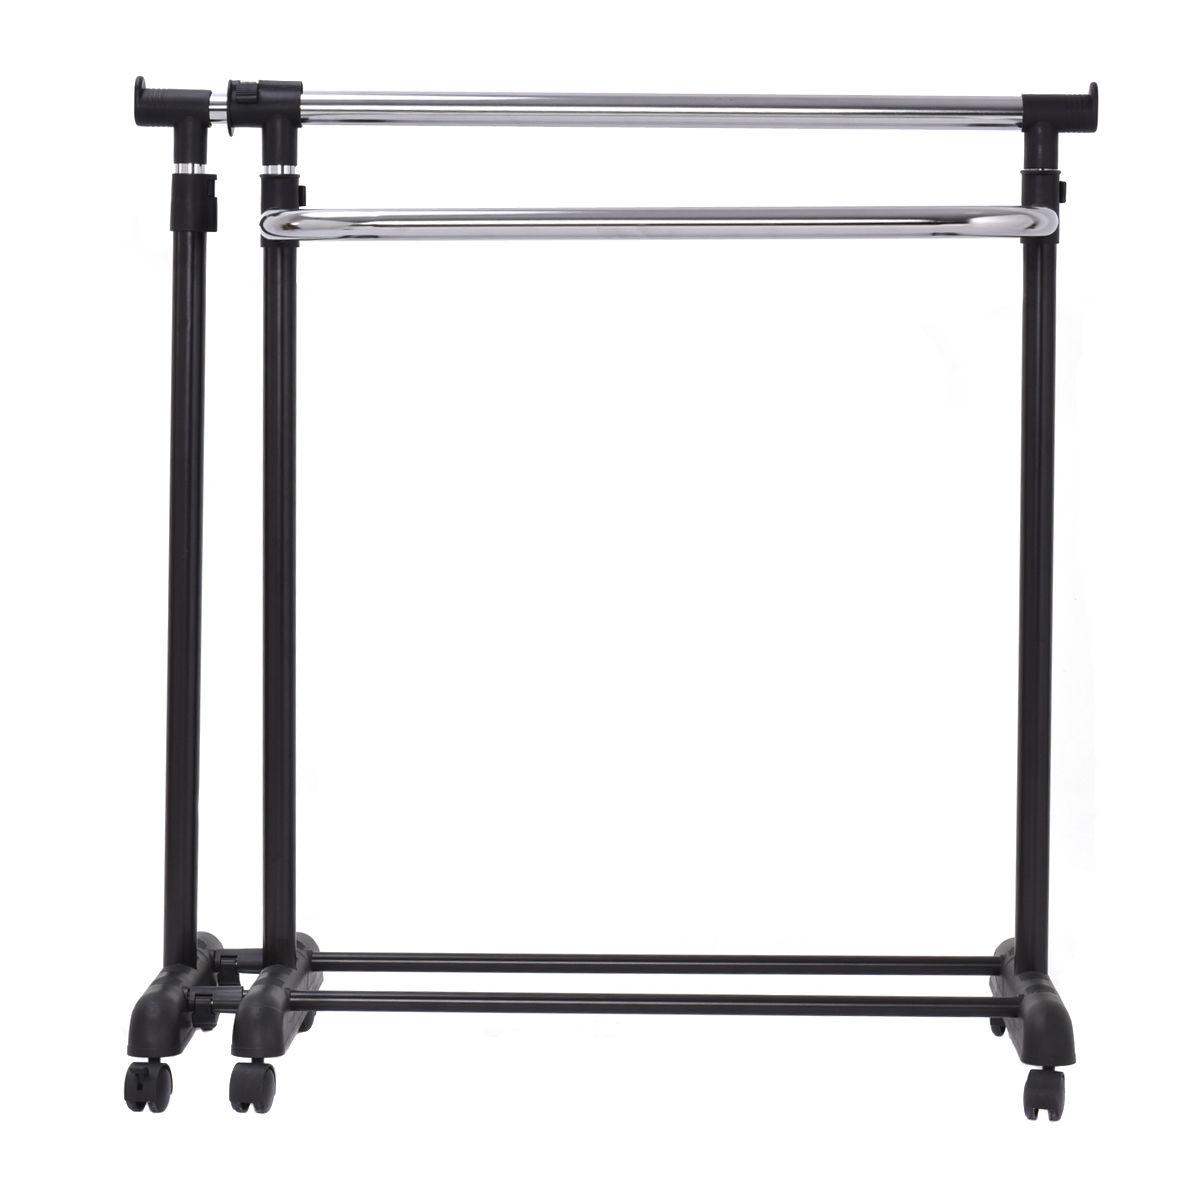 Adjustable Garment Extendable Clothes Rail Rack Hanger